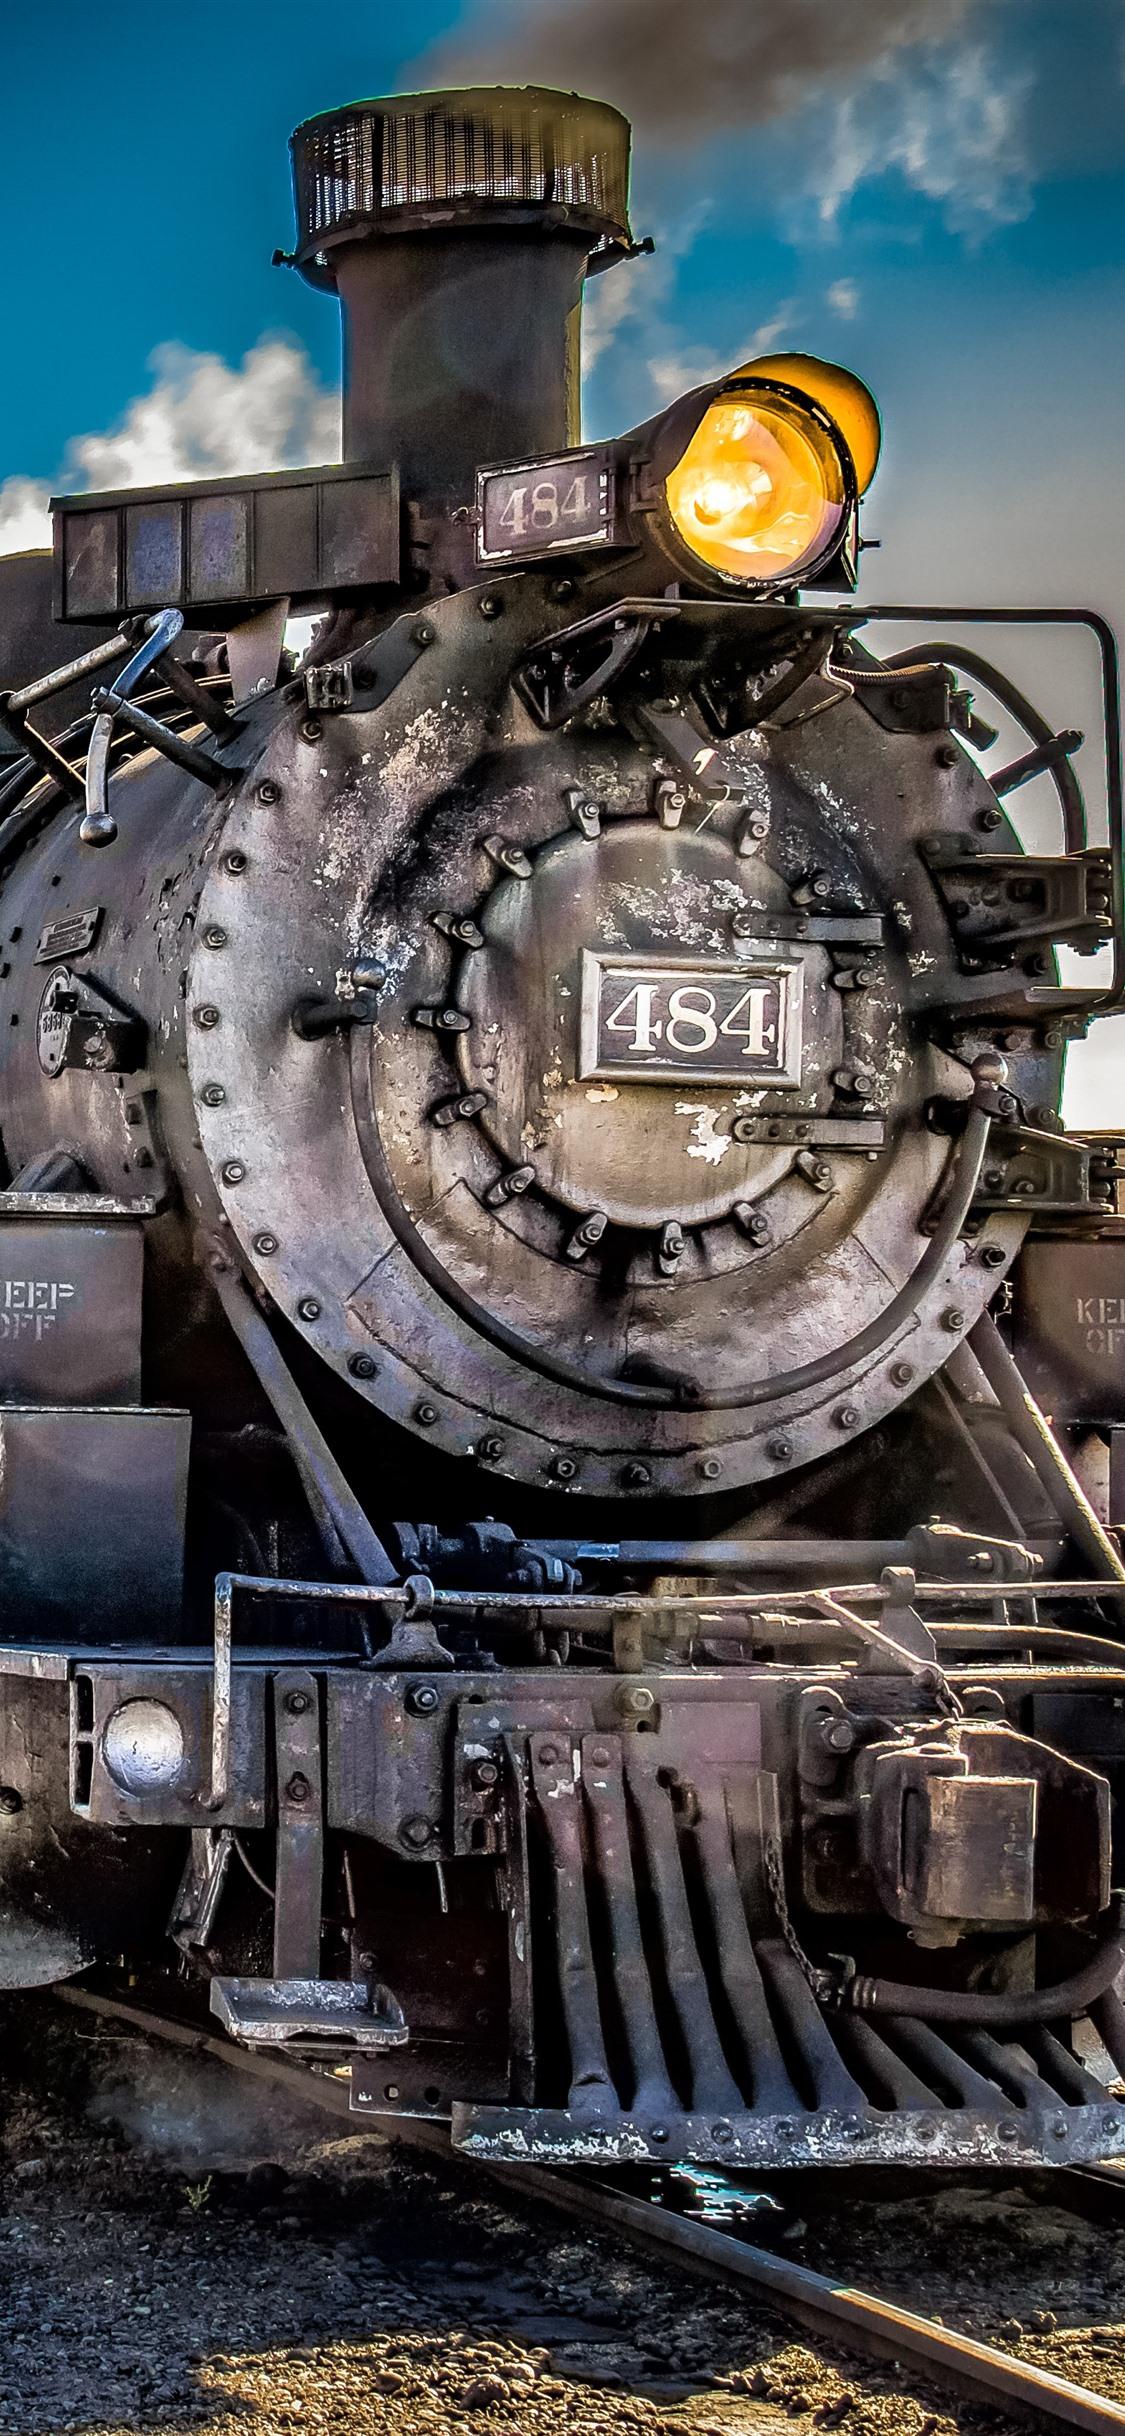 壁纸复古火车 蒸汽火车51x Uhd 5k 高清壁纸 图片 照片